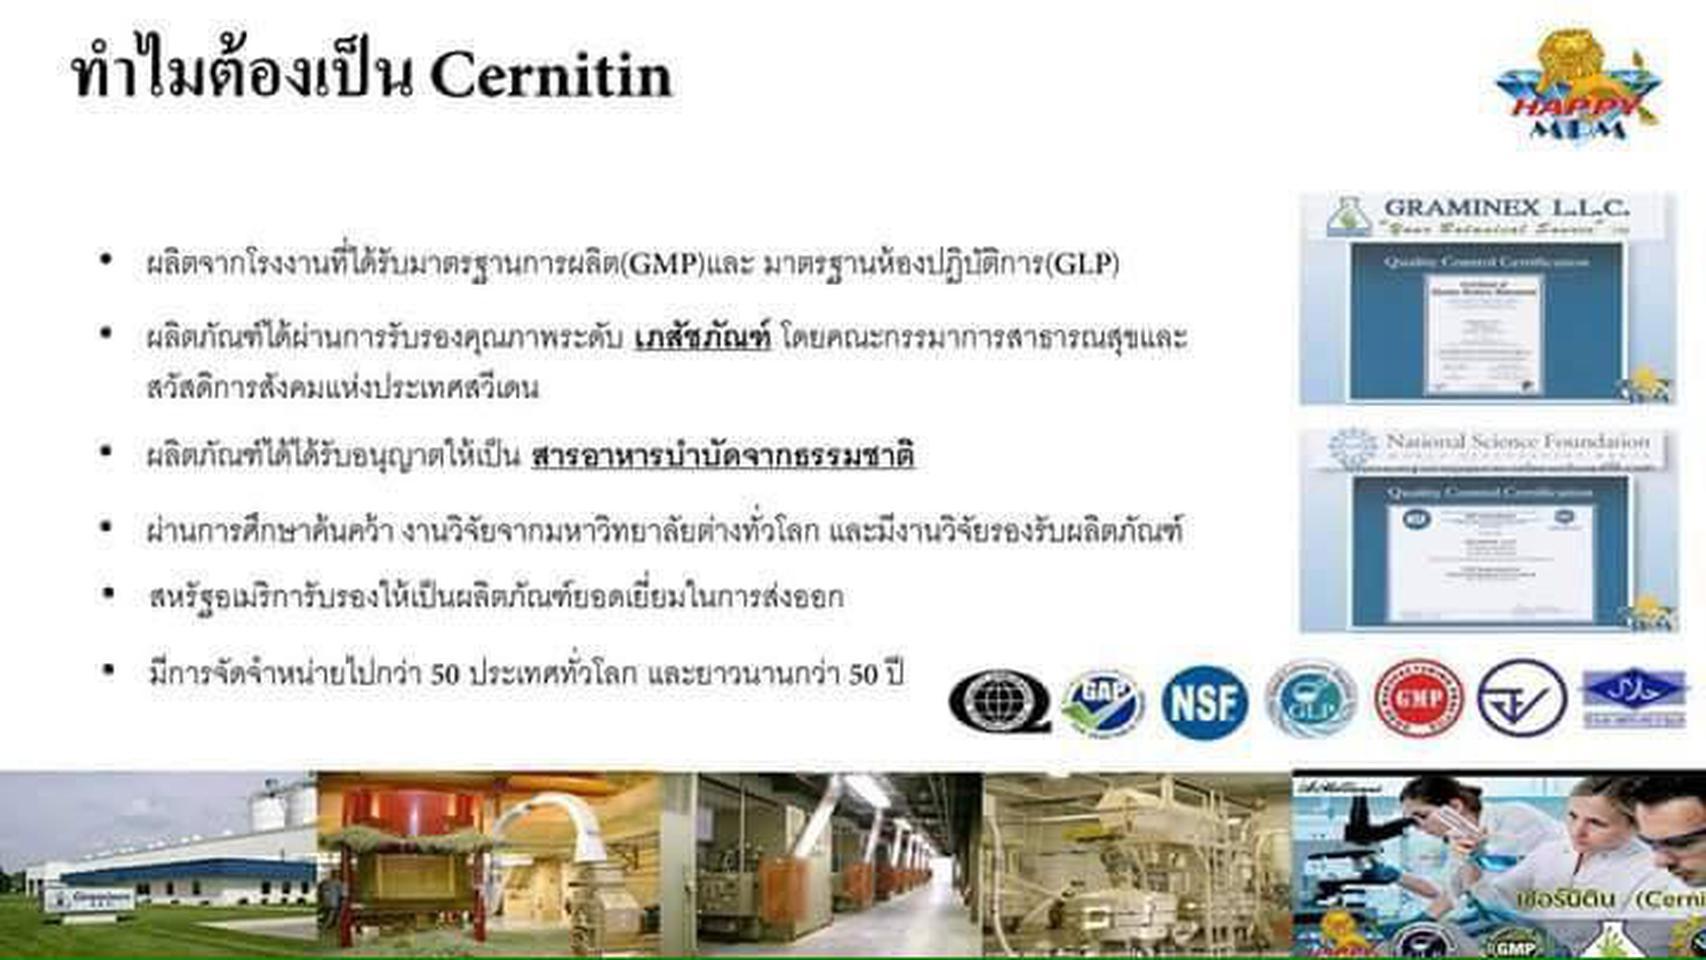 CERNILTON เซอร์นิลตัน (สีน้ำตาล),ผลิตภัณฑ์เสริมอาหารสกัดชนิด รูปที่ 3